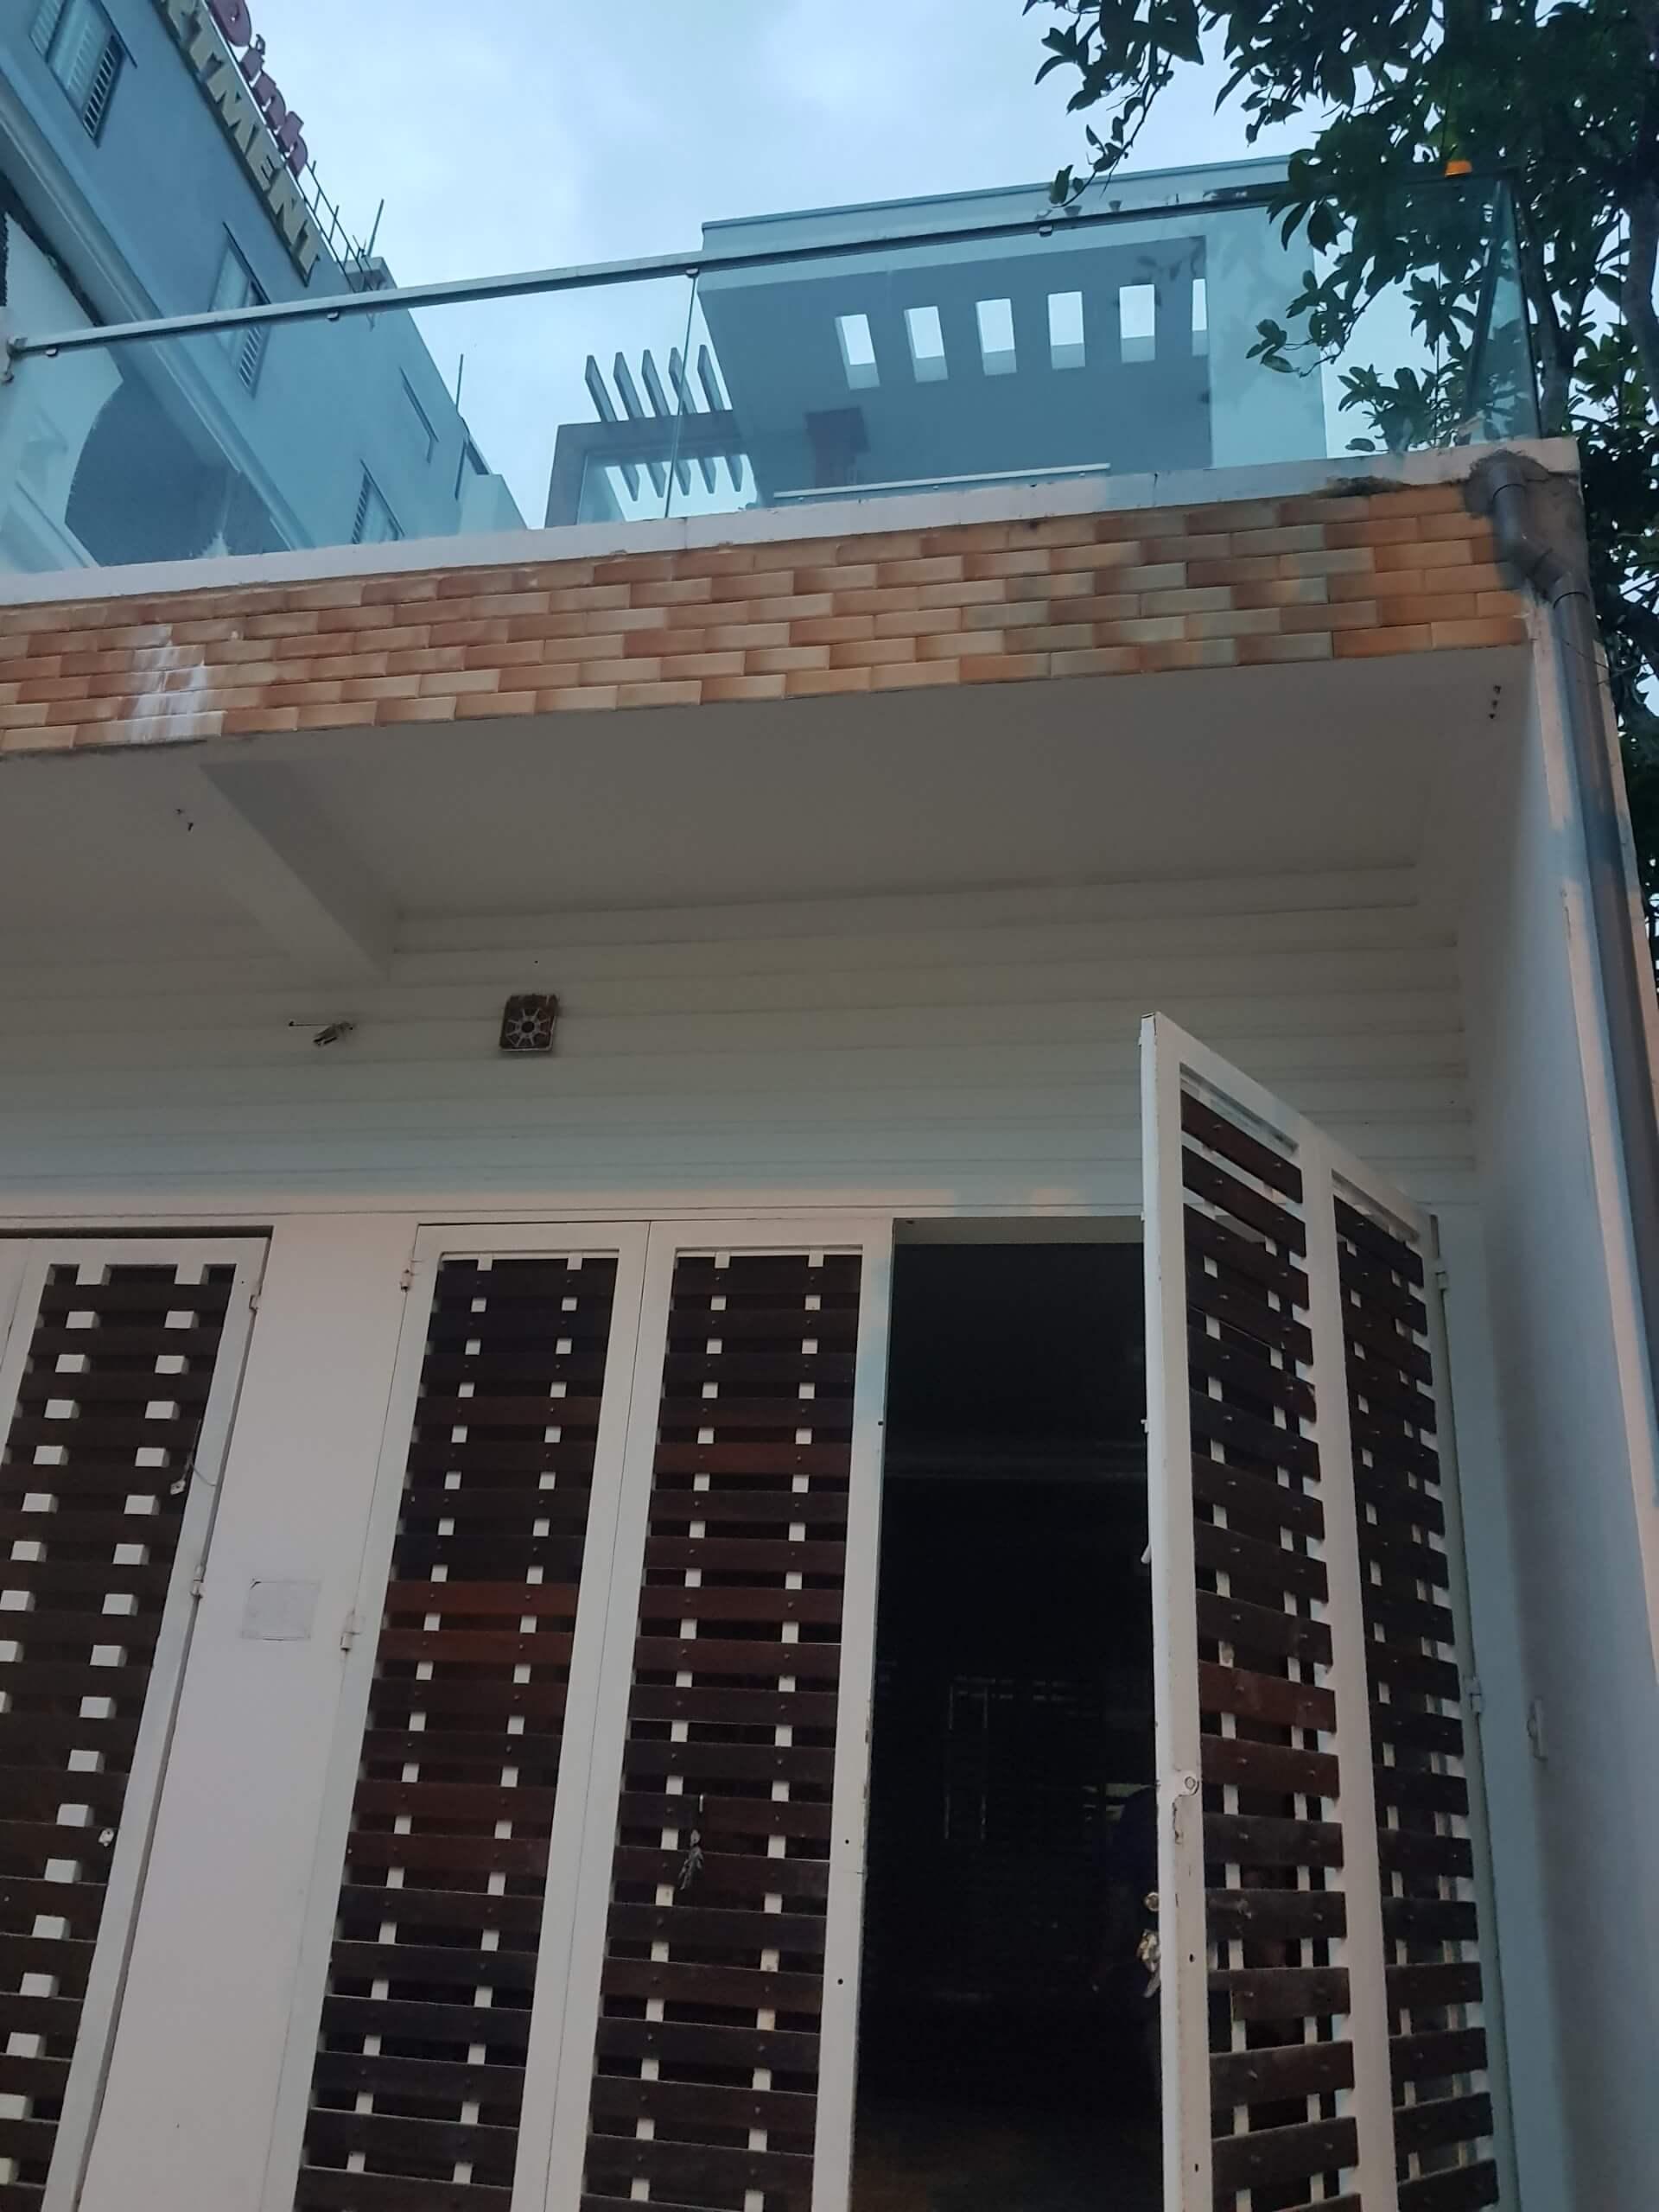 bán nhà đường k20 - Ngũ Hành Sơn - Đà Nẵng